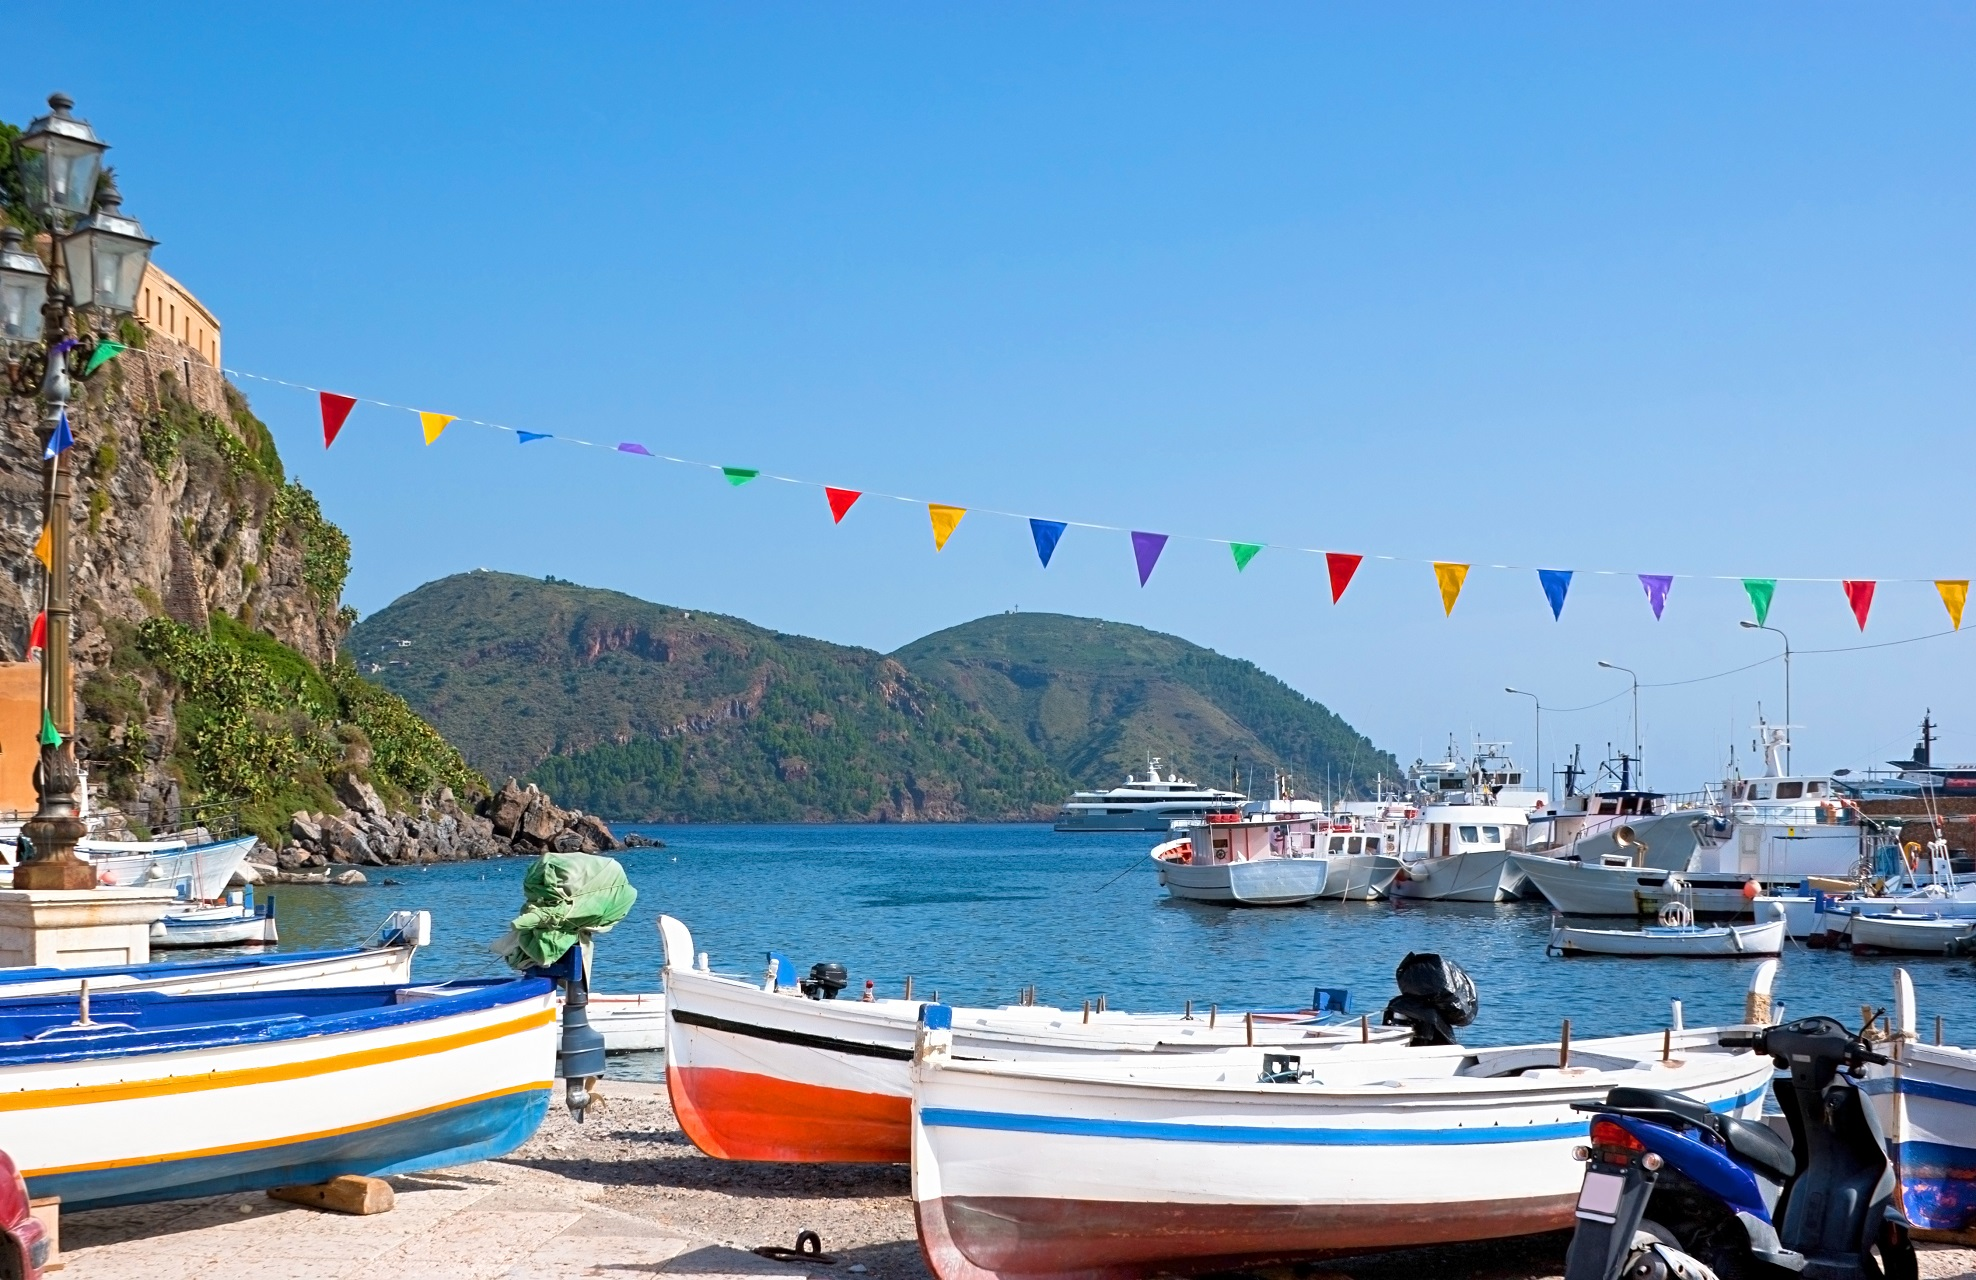 Der Hafen von Lipari besticht durch sein blaues Wasser und die bunten Boote, die am Strand liegen.